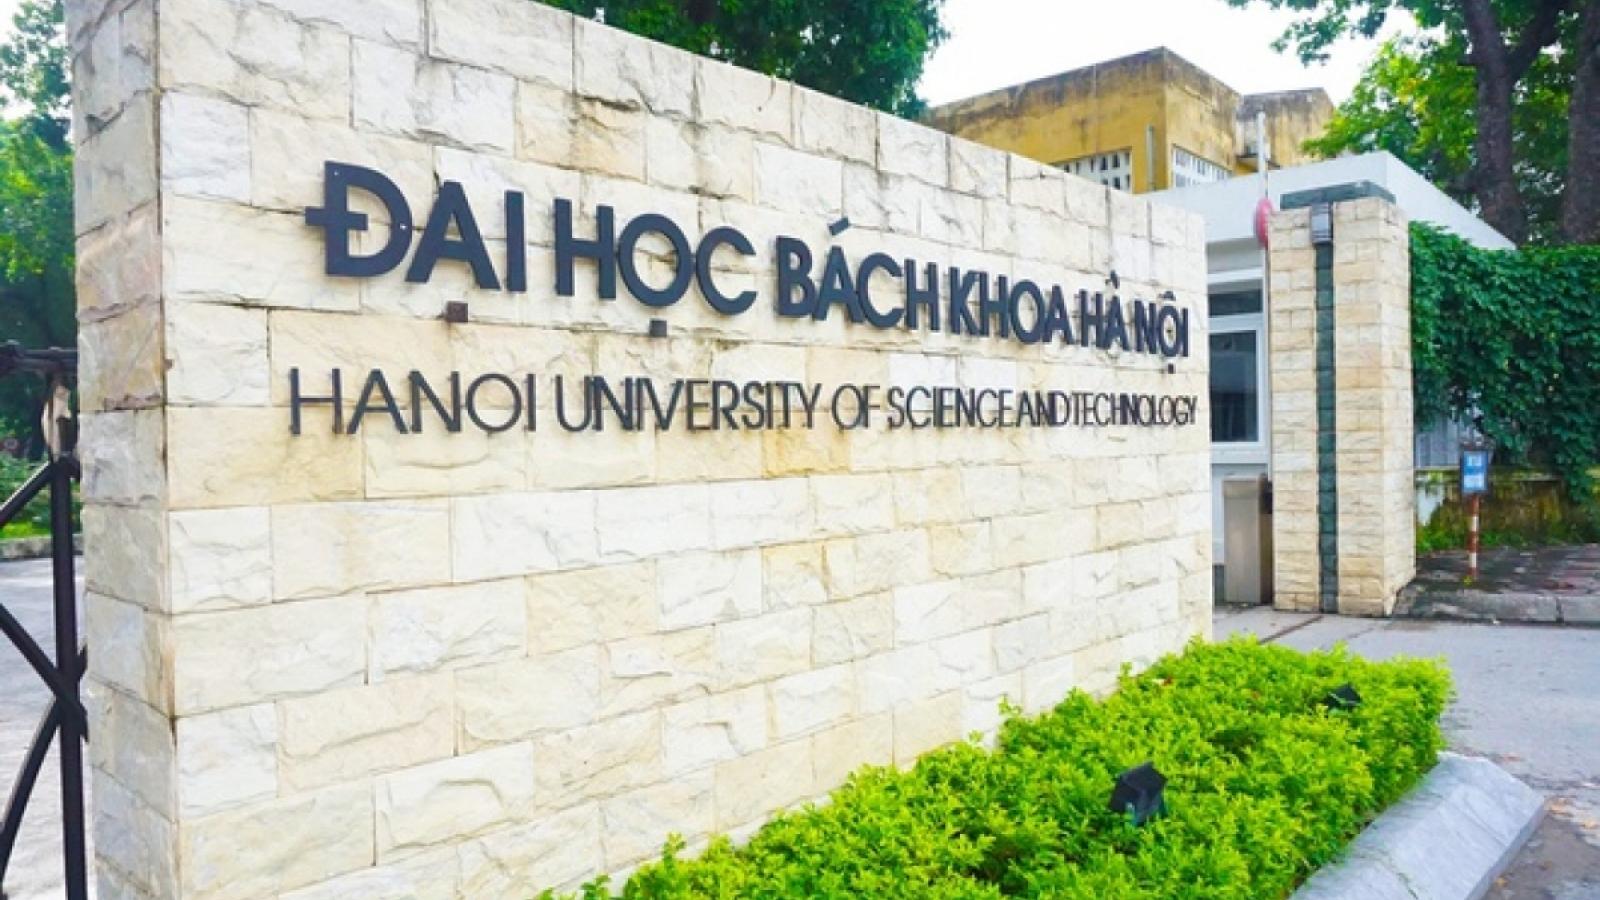 67 thí sinh đủ điểm chuẩn nhưng không trúng tuyển Đại học Bách khoa Hà Nội